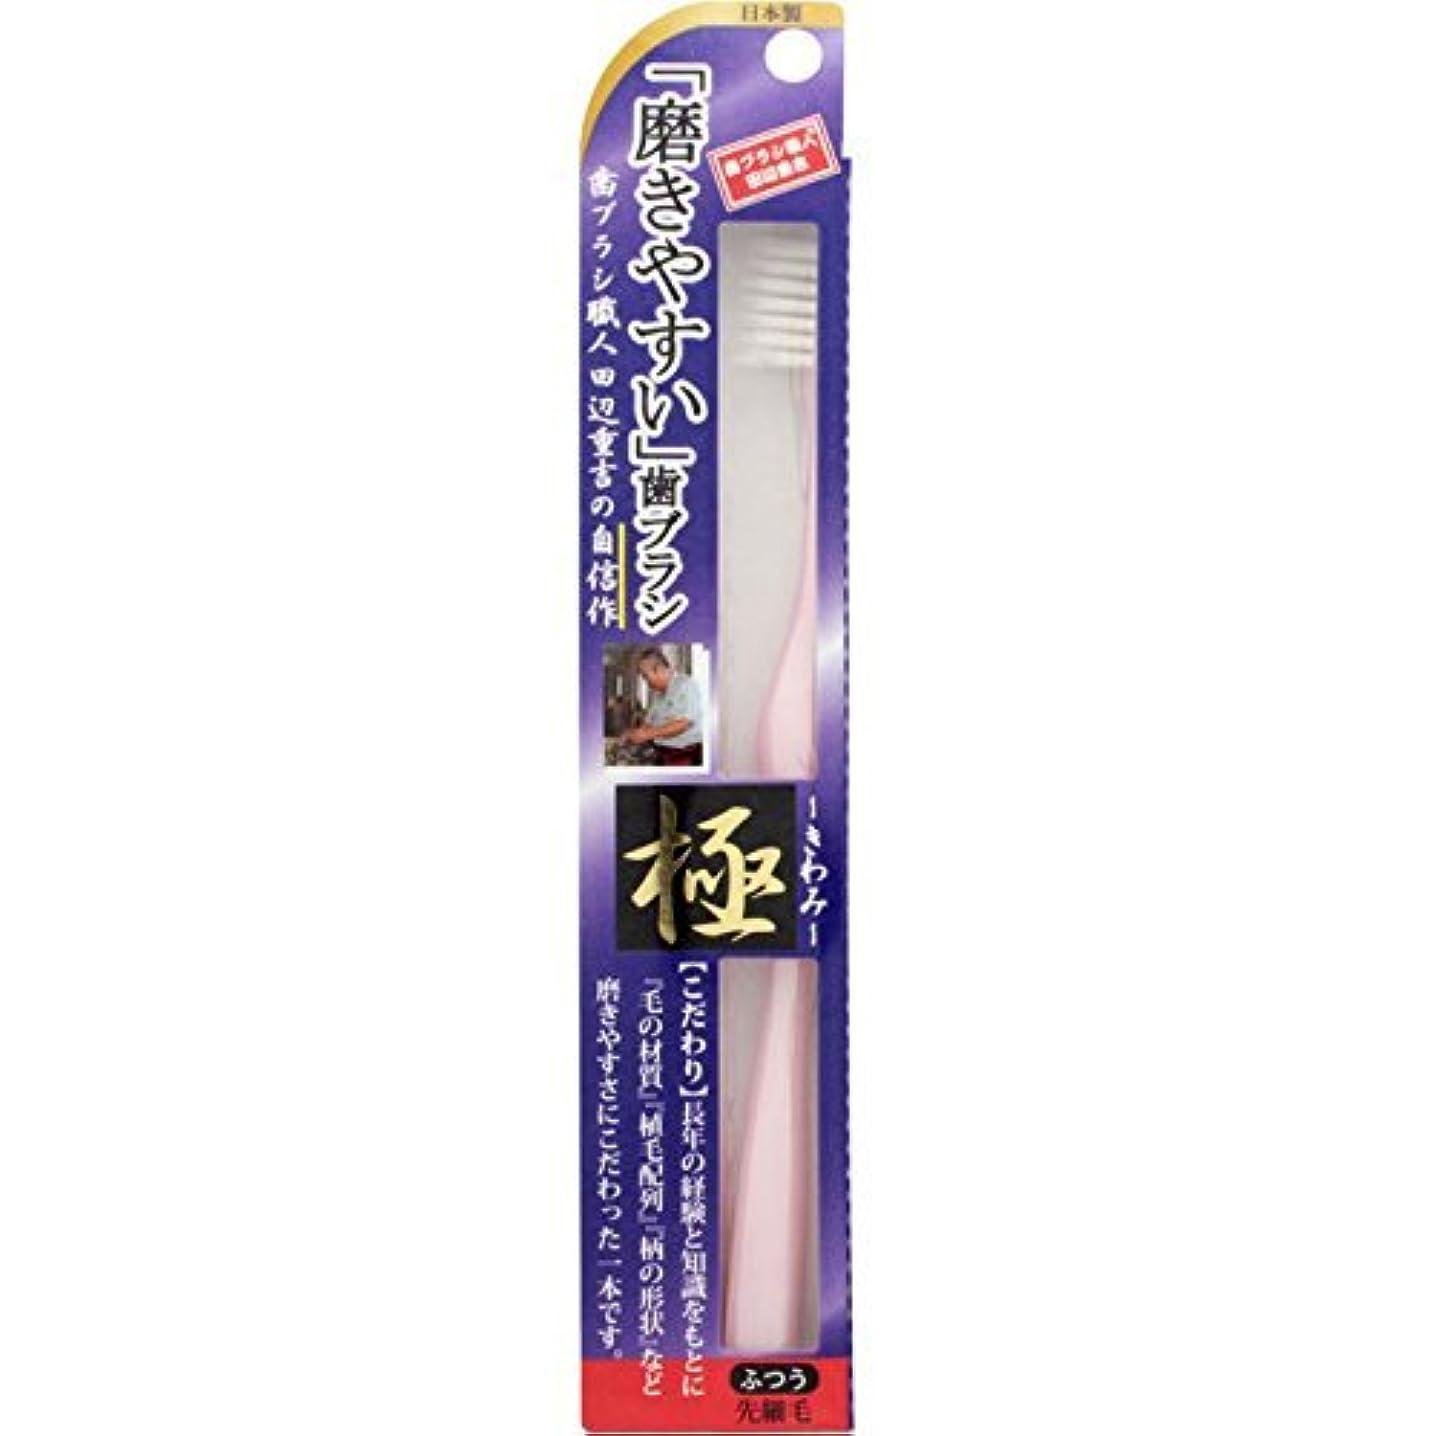 【まとめ買い】磨きやすい歯ブラシ 極 LT-22 ×8個